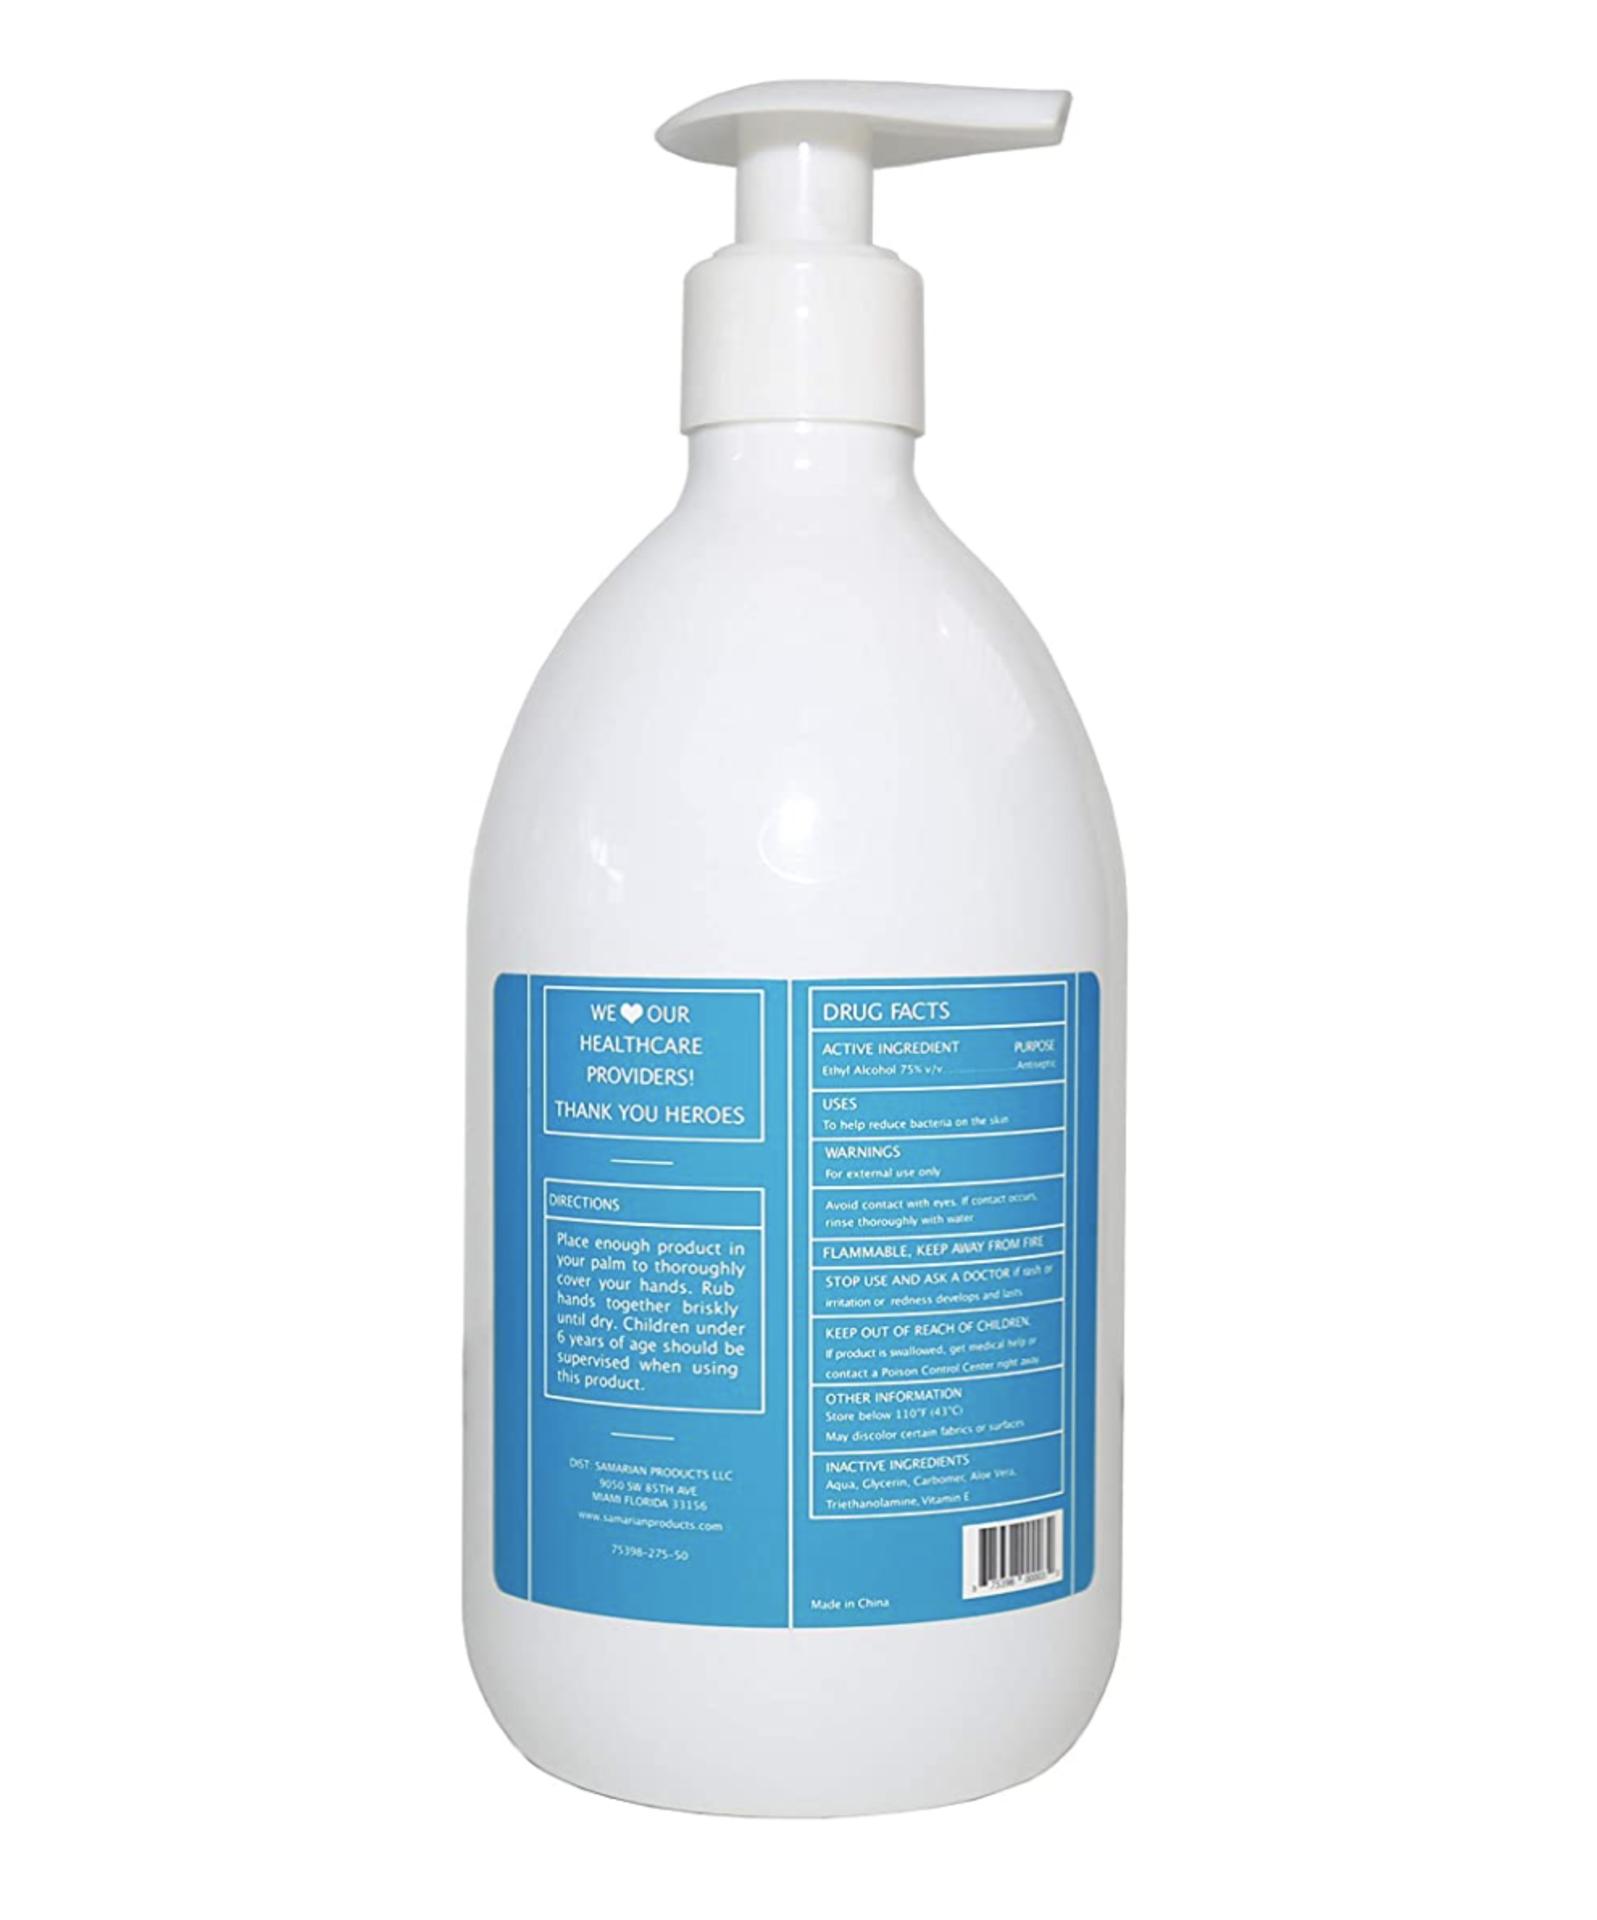 3,250 Bottles of H2One Pump Bottle Hand Sanitizer Gel, 500 ML, 16.9 OZ, 75% Alcohol Based (Ethanol) - Image 3 of 4